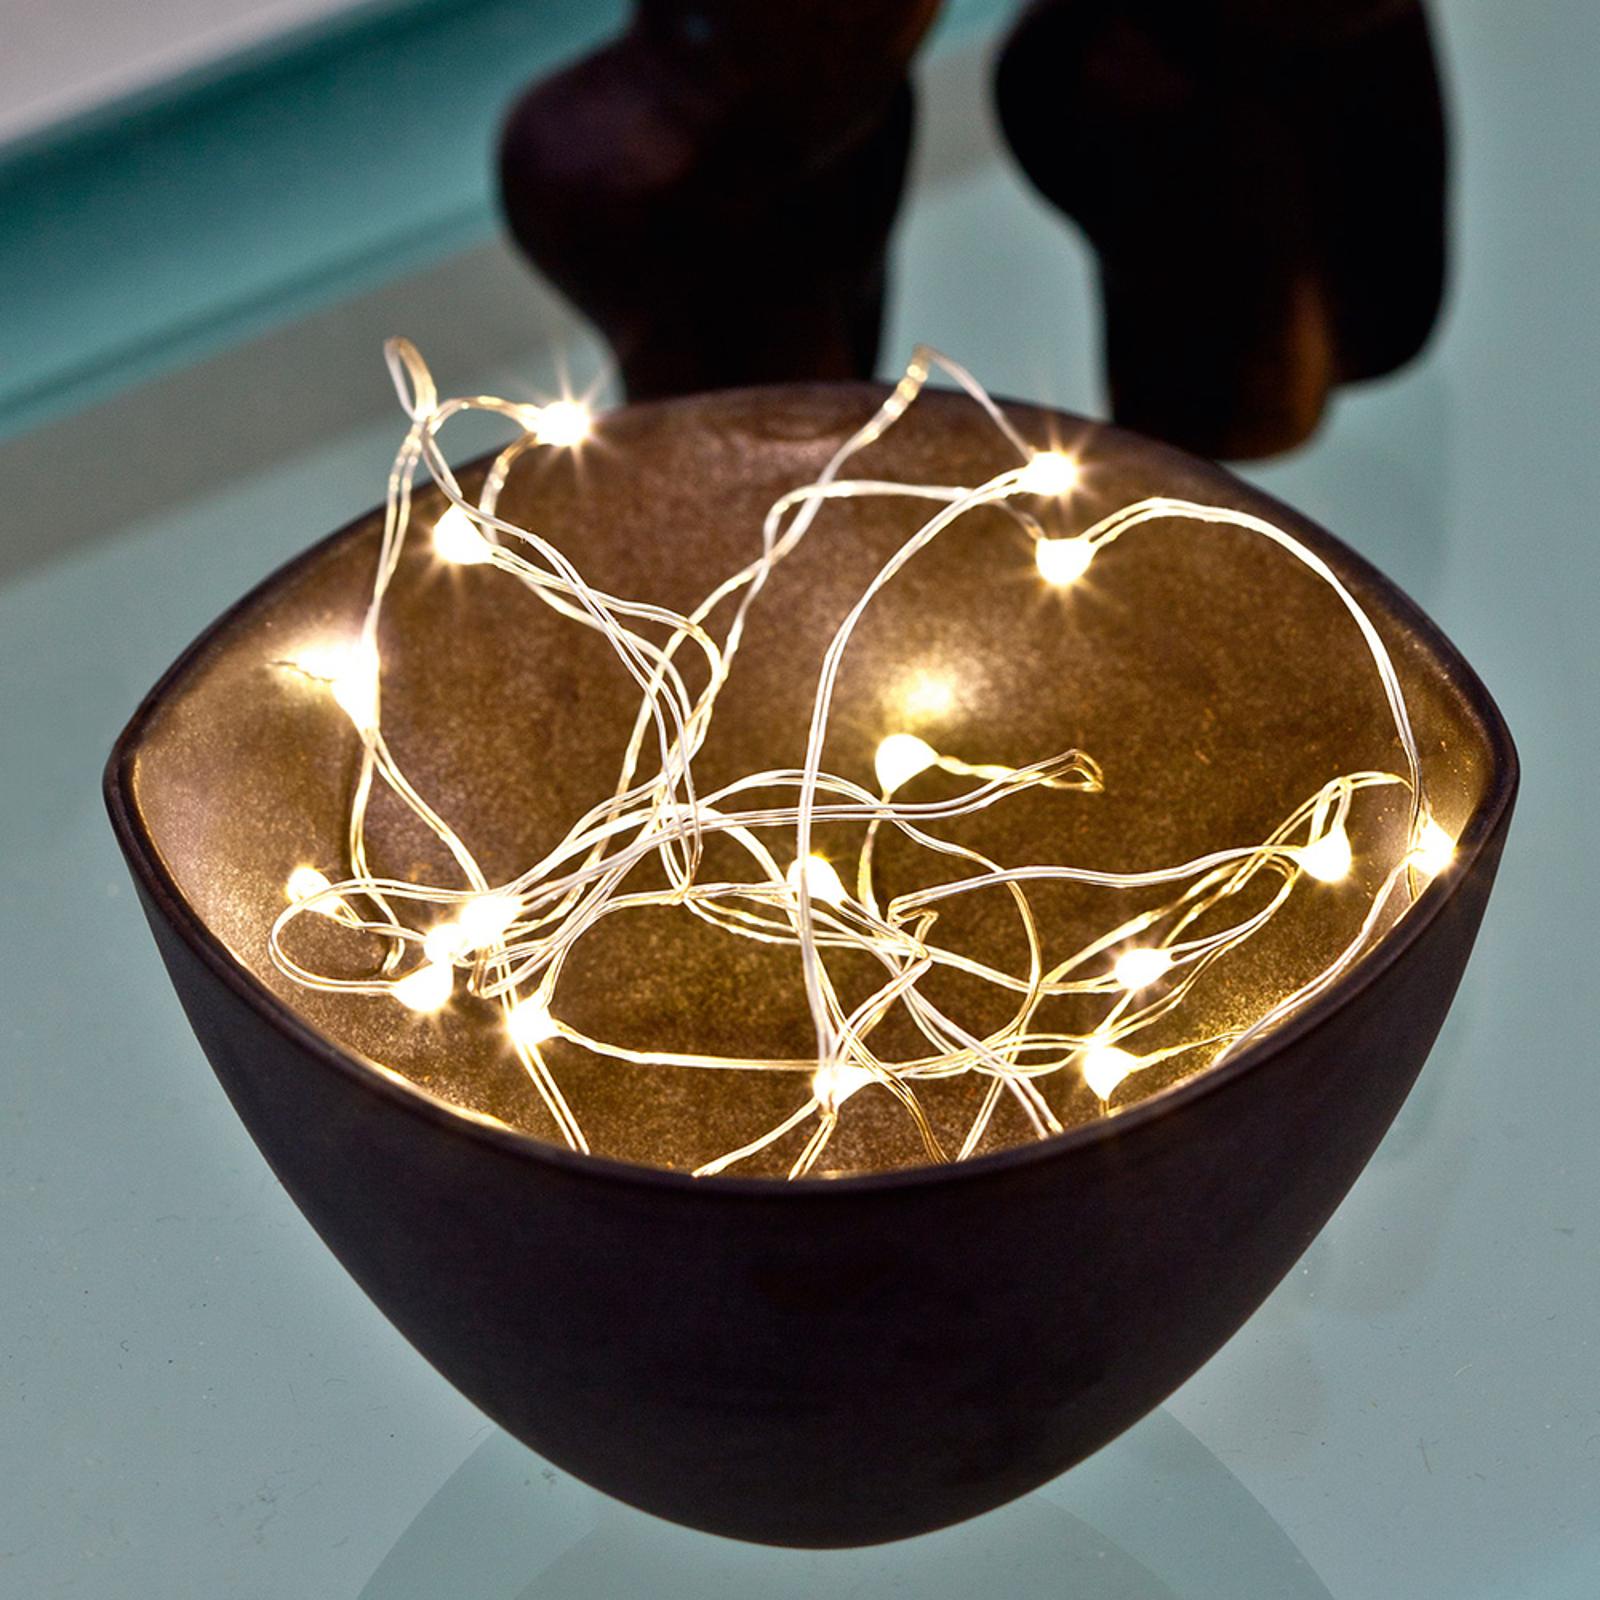 Glittrande LED-ljusslinga Knirke, 20 ljus